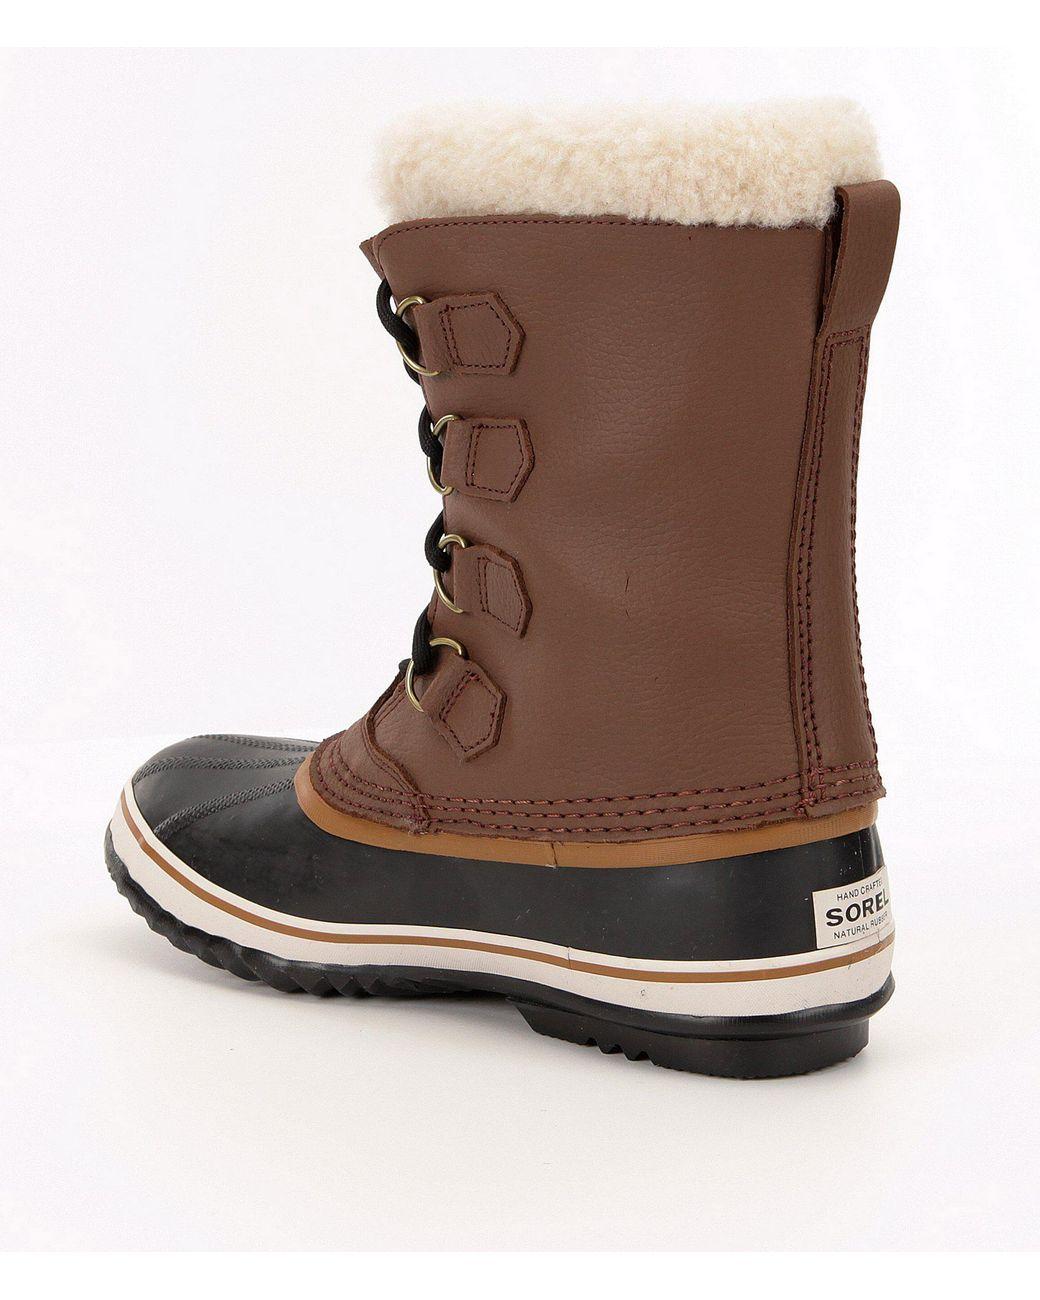 730b9016ec0 Brown Men's 1964 Pac T Waterproof Winter Boots